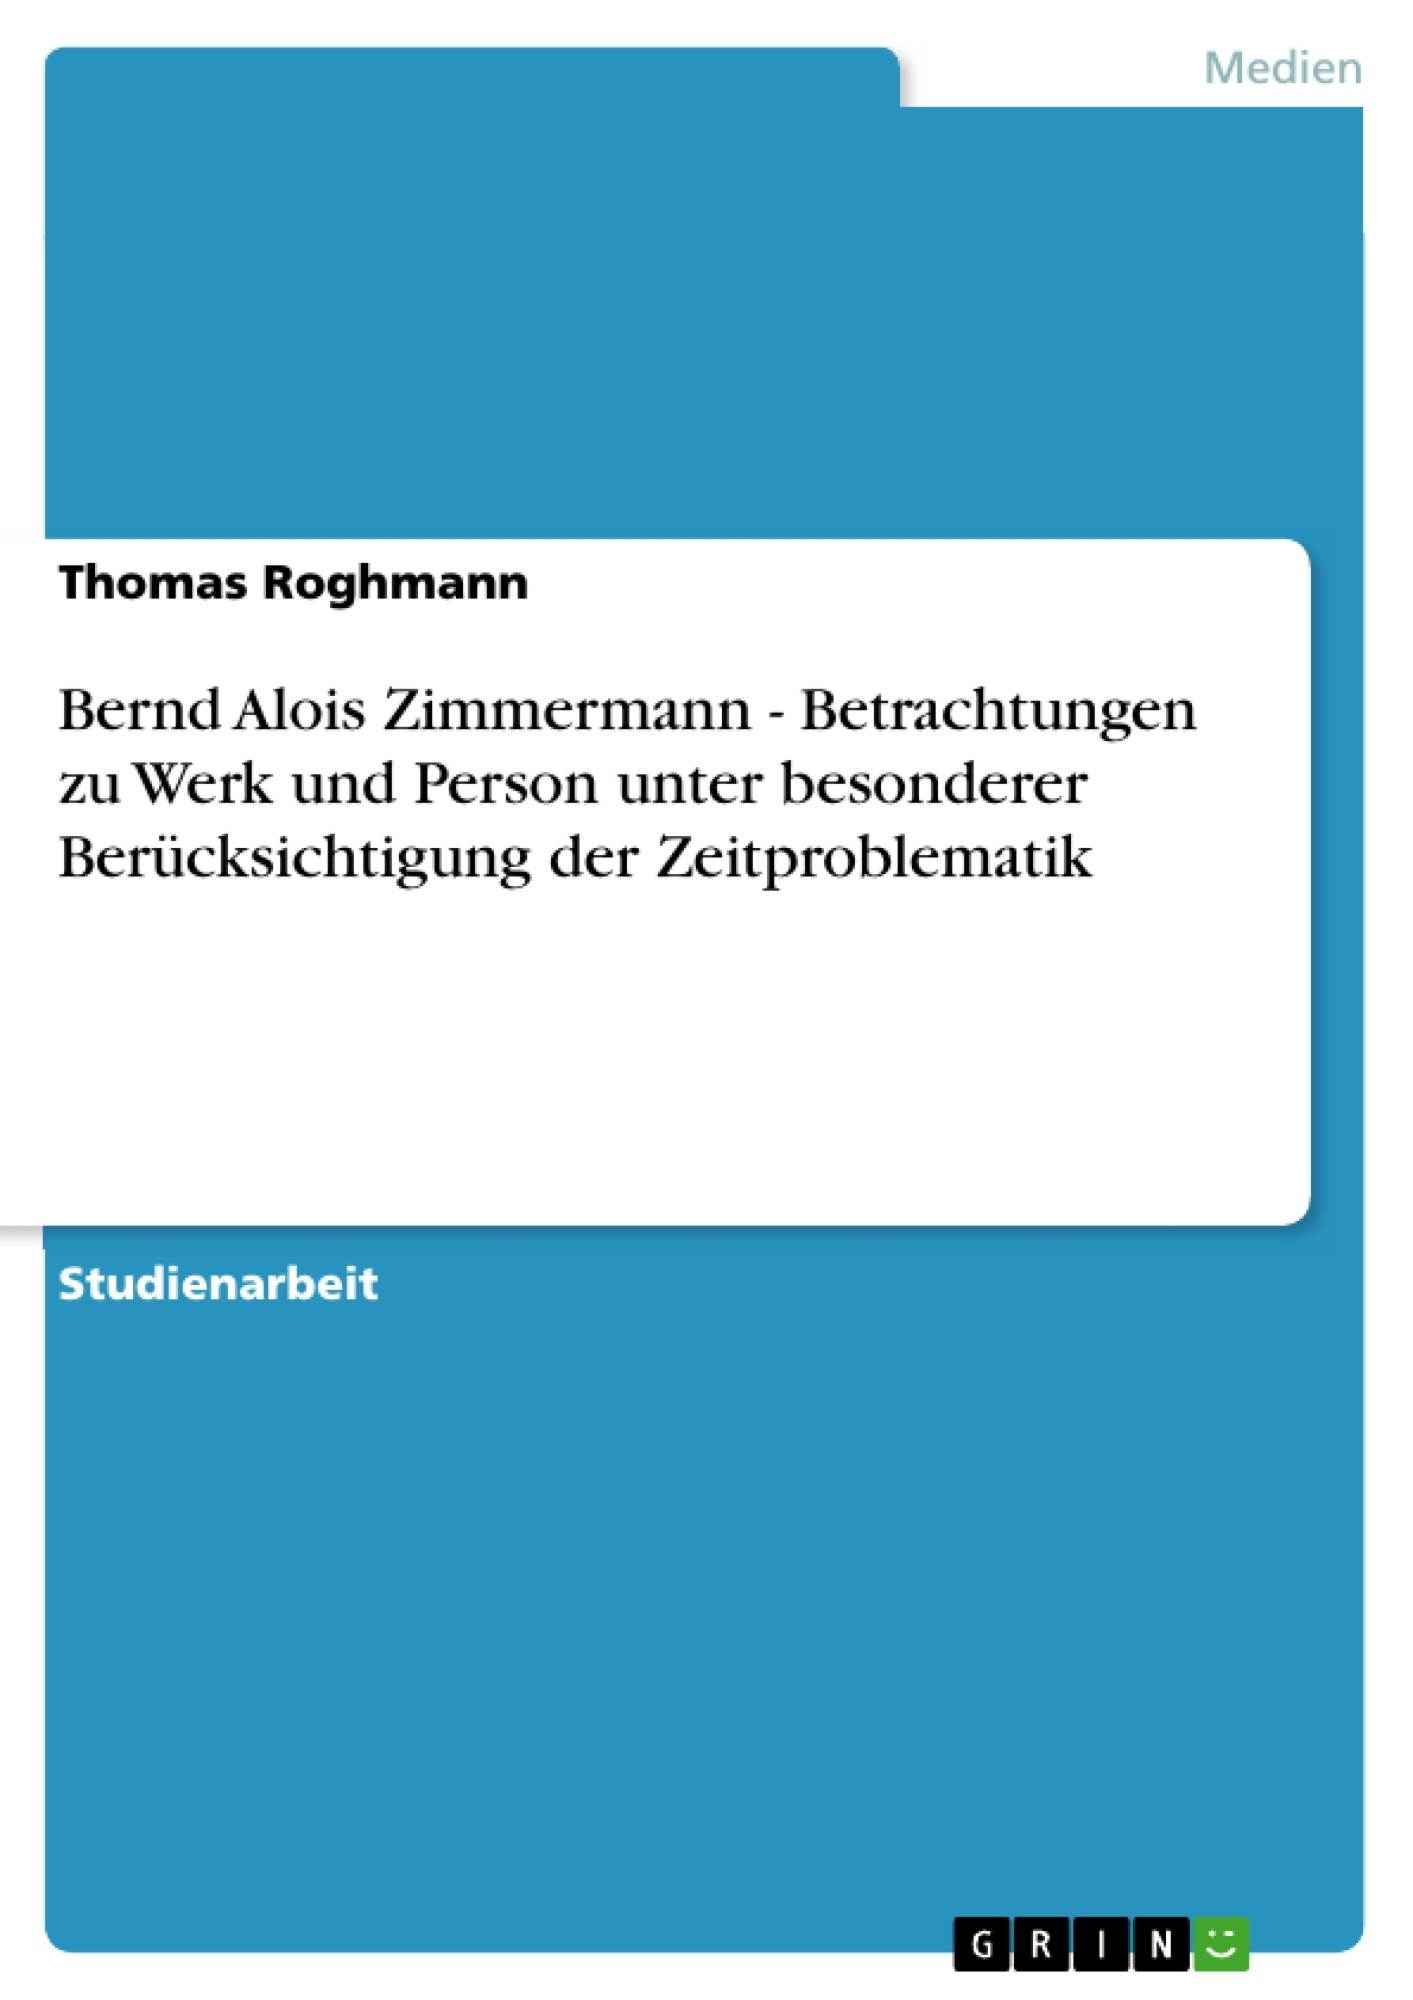 Titel: Bernd Alois Zimmermann - Betrachtungen zu Werk und Person unter besonderer Berücksichtigung der Zeitproblematik